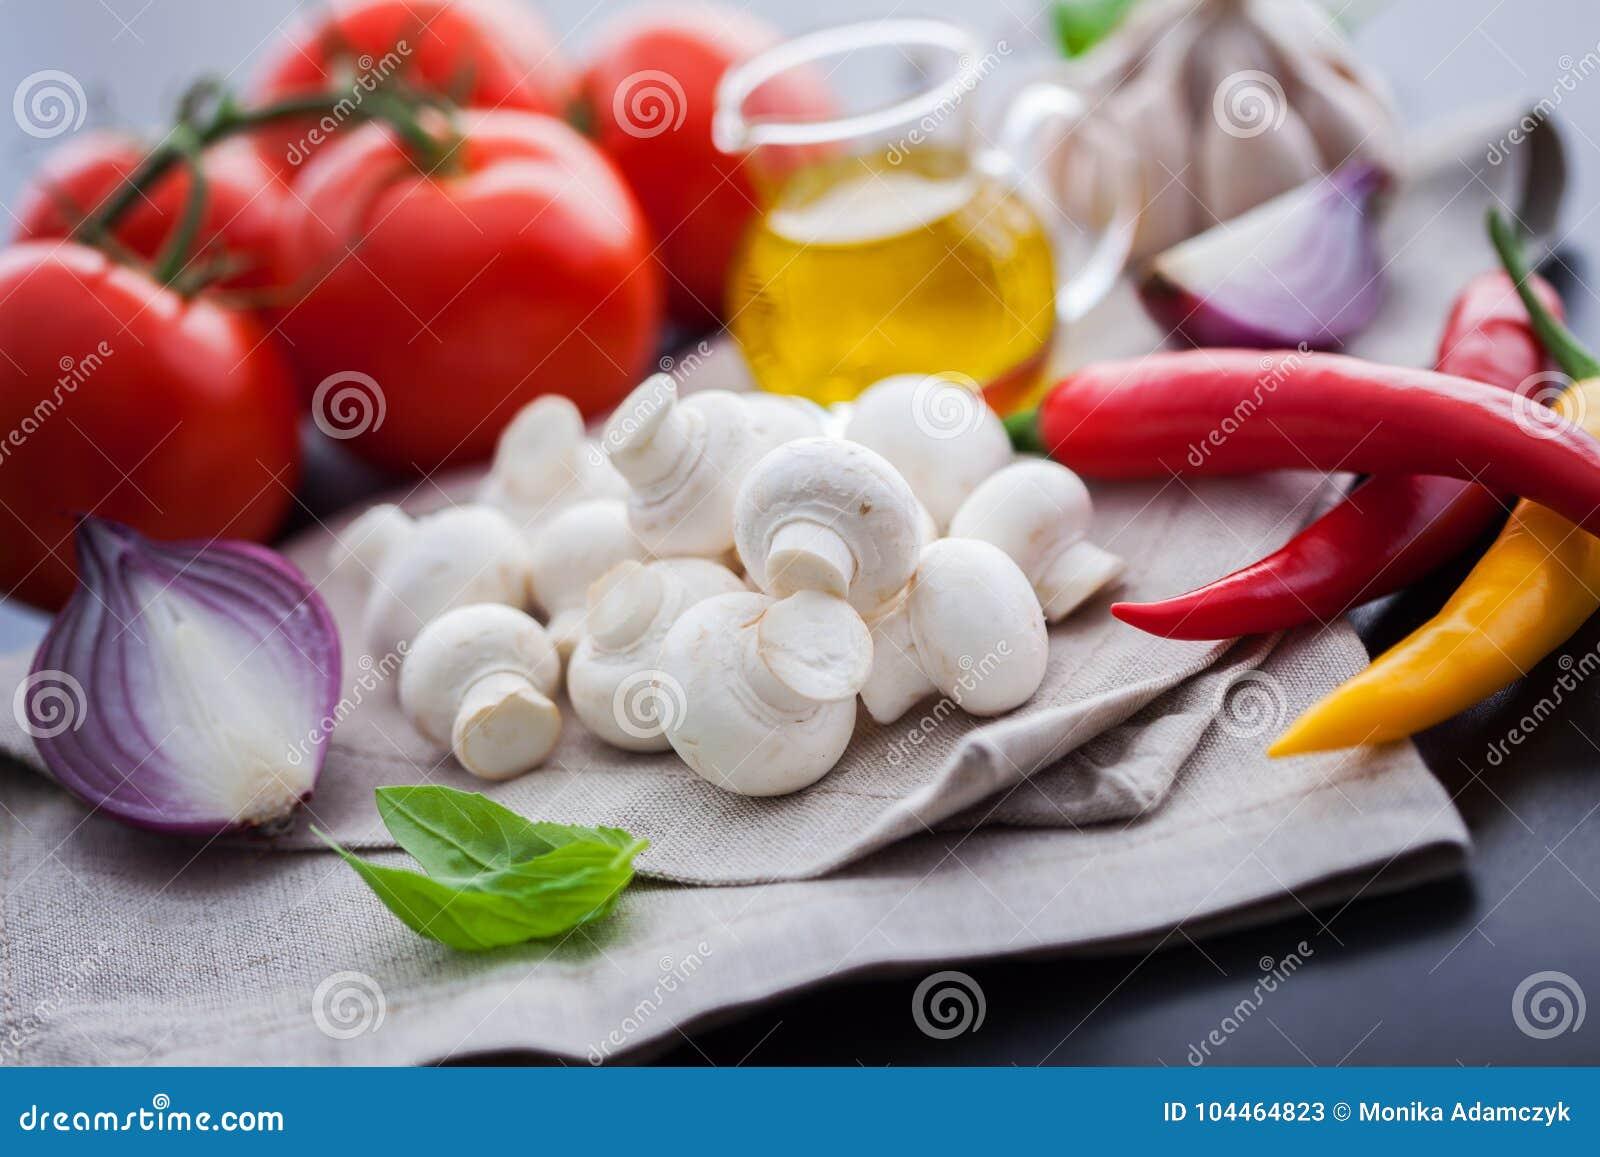 Cogumelo do cogumelo com ingredientes italianos